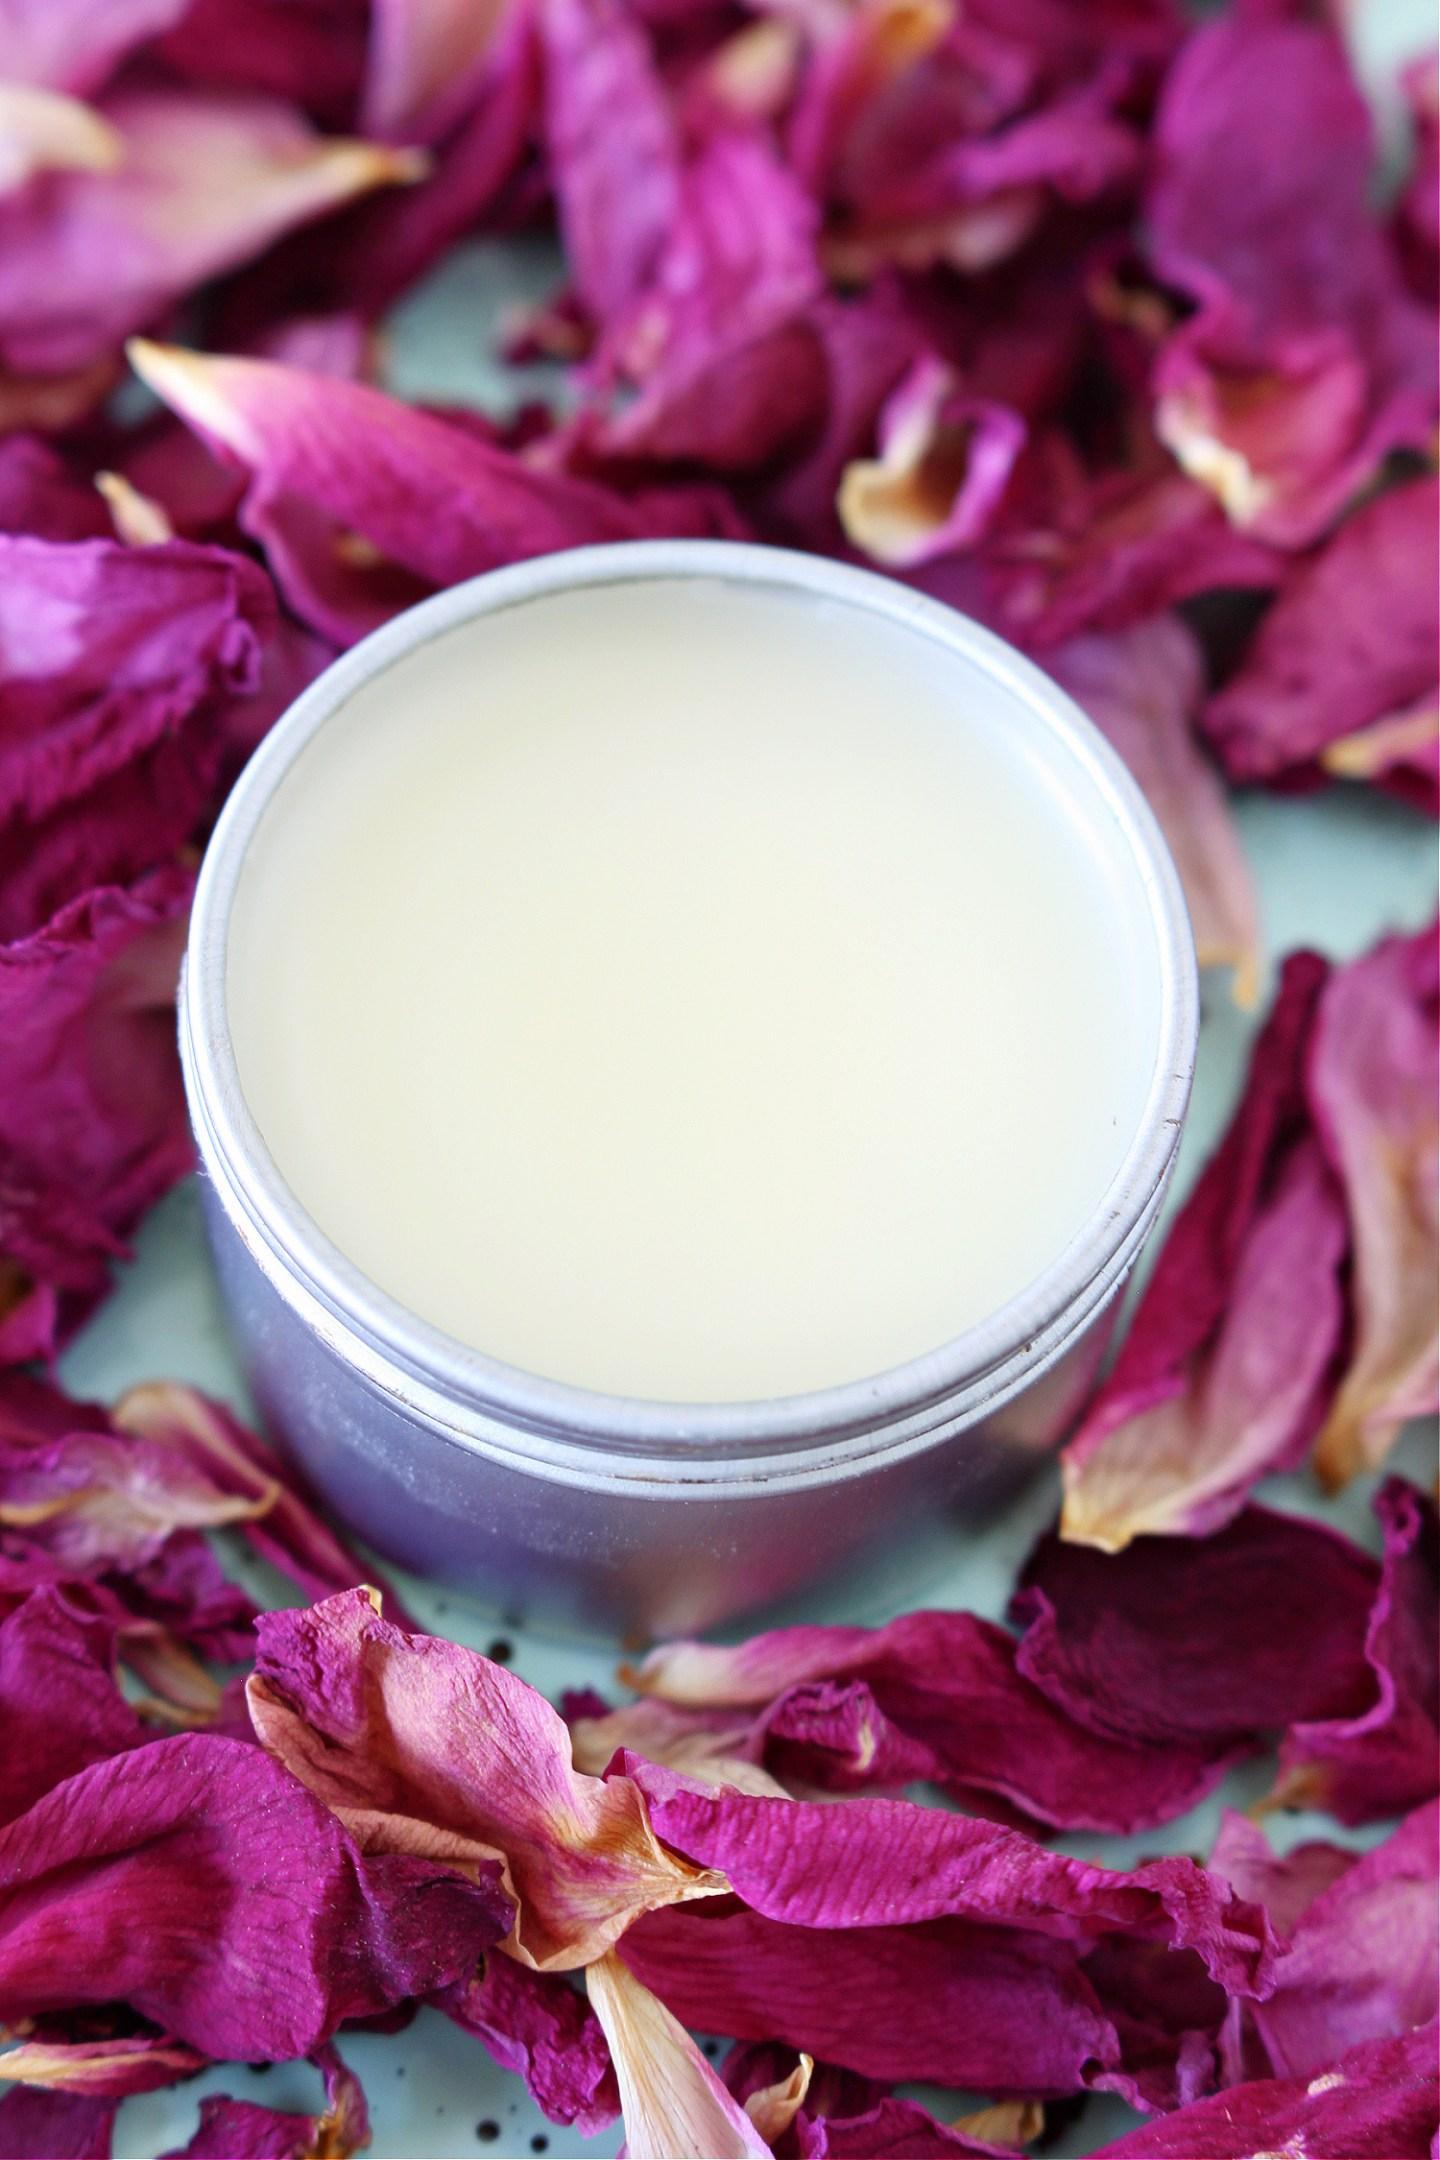 DIY Rose Petal Salve + DIY Rose Lip Balm (Rose Petal Infused Oil)